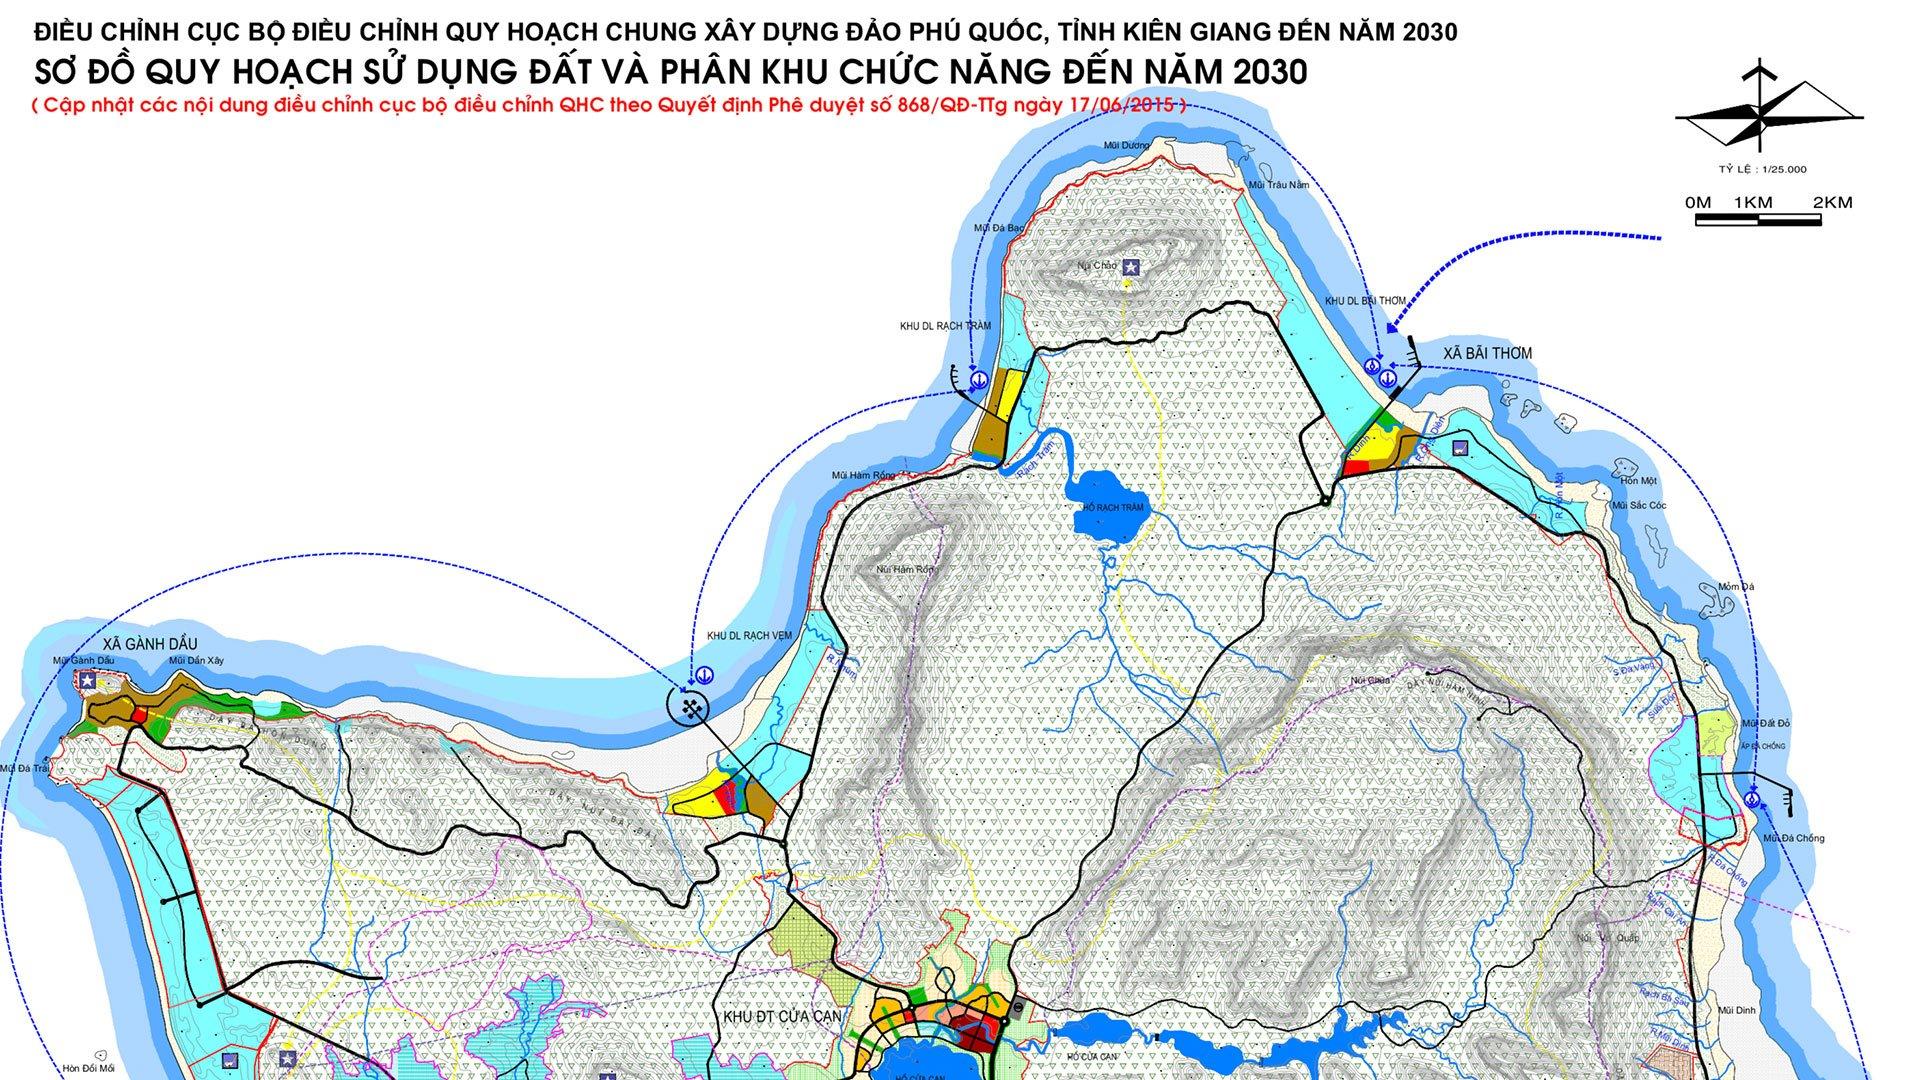 Bản đồ Quy hoạch 868 Phú Quốc - Tỷ lệ 1/25.000